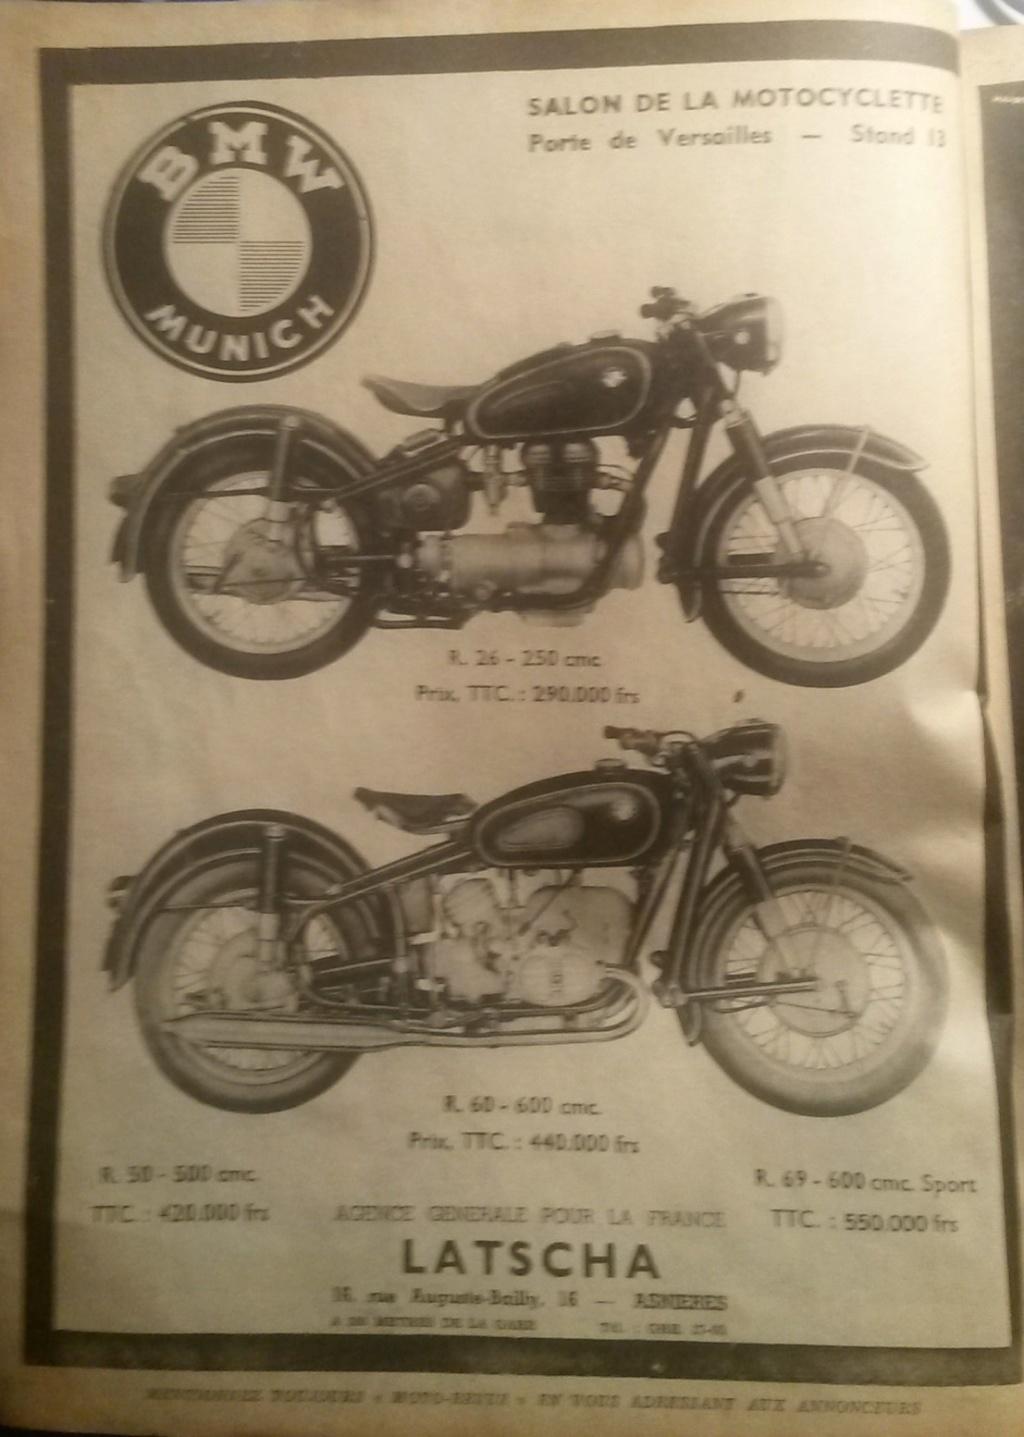 moto revue octobre 1956  01717